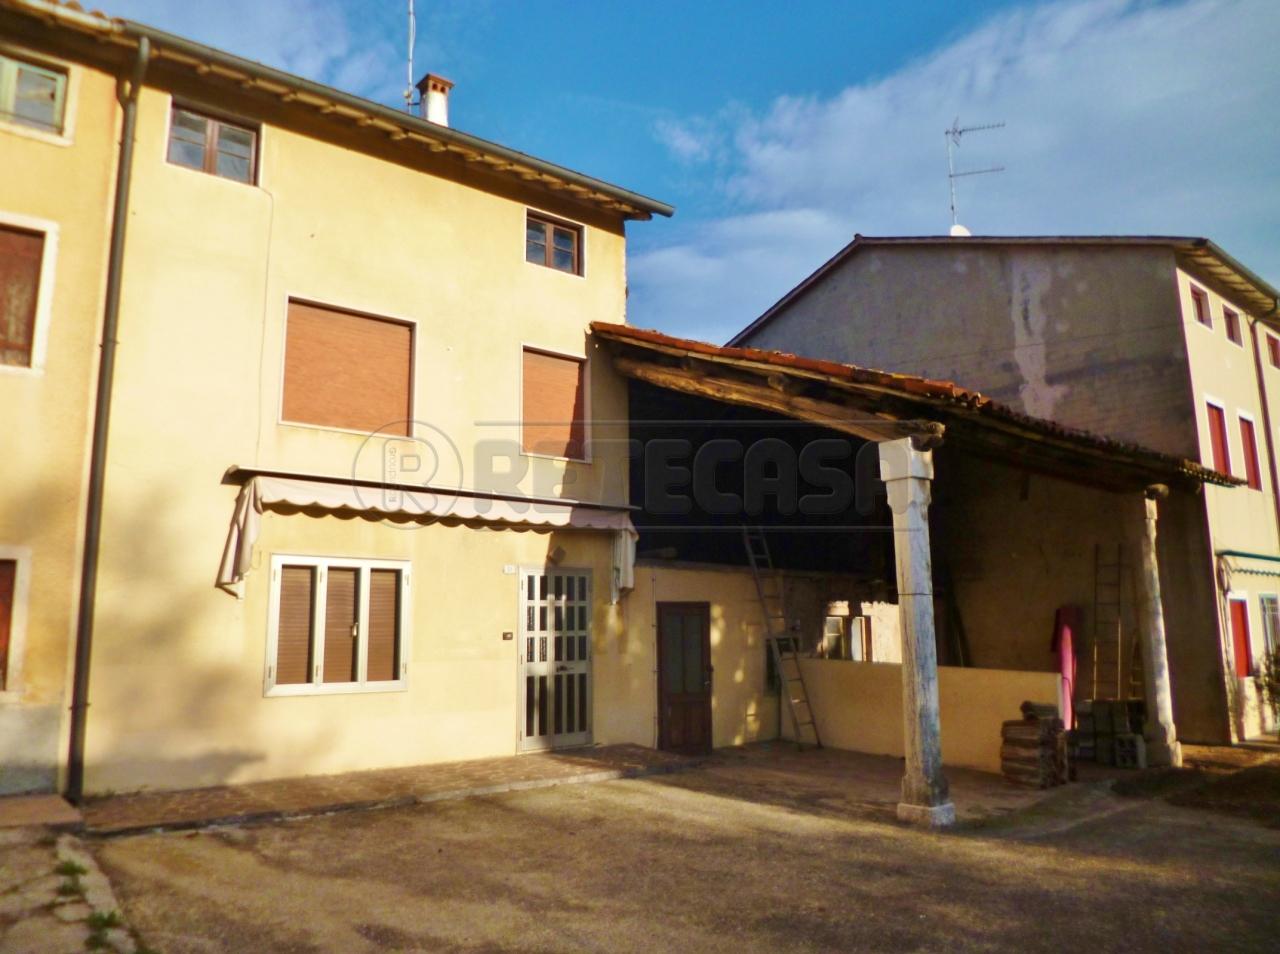 Rustico / Casale in vendita a Montorso Vicentino, 9999 locali, prezzo € 75.000 | Cambio Casa.it